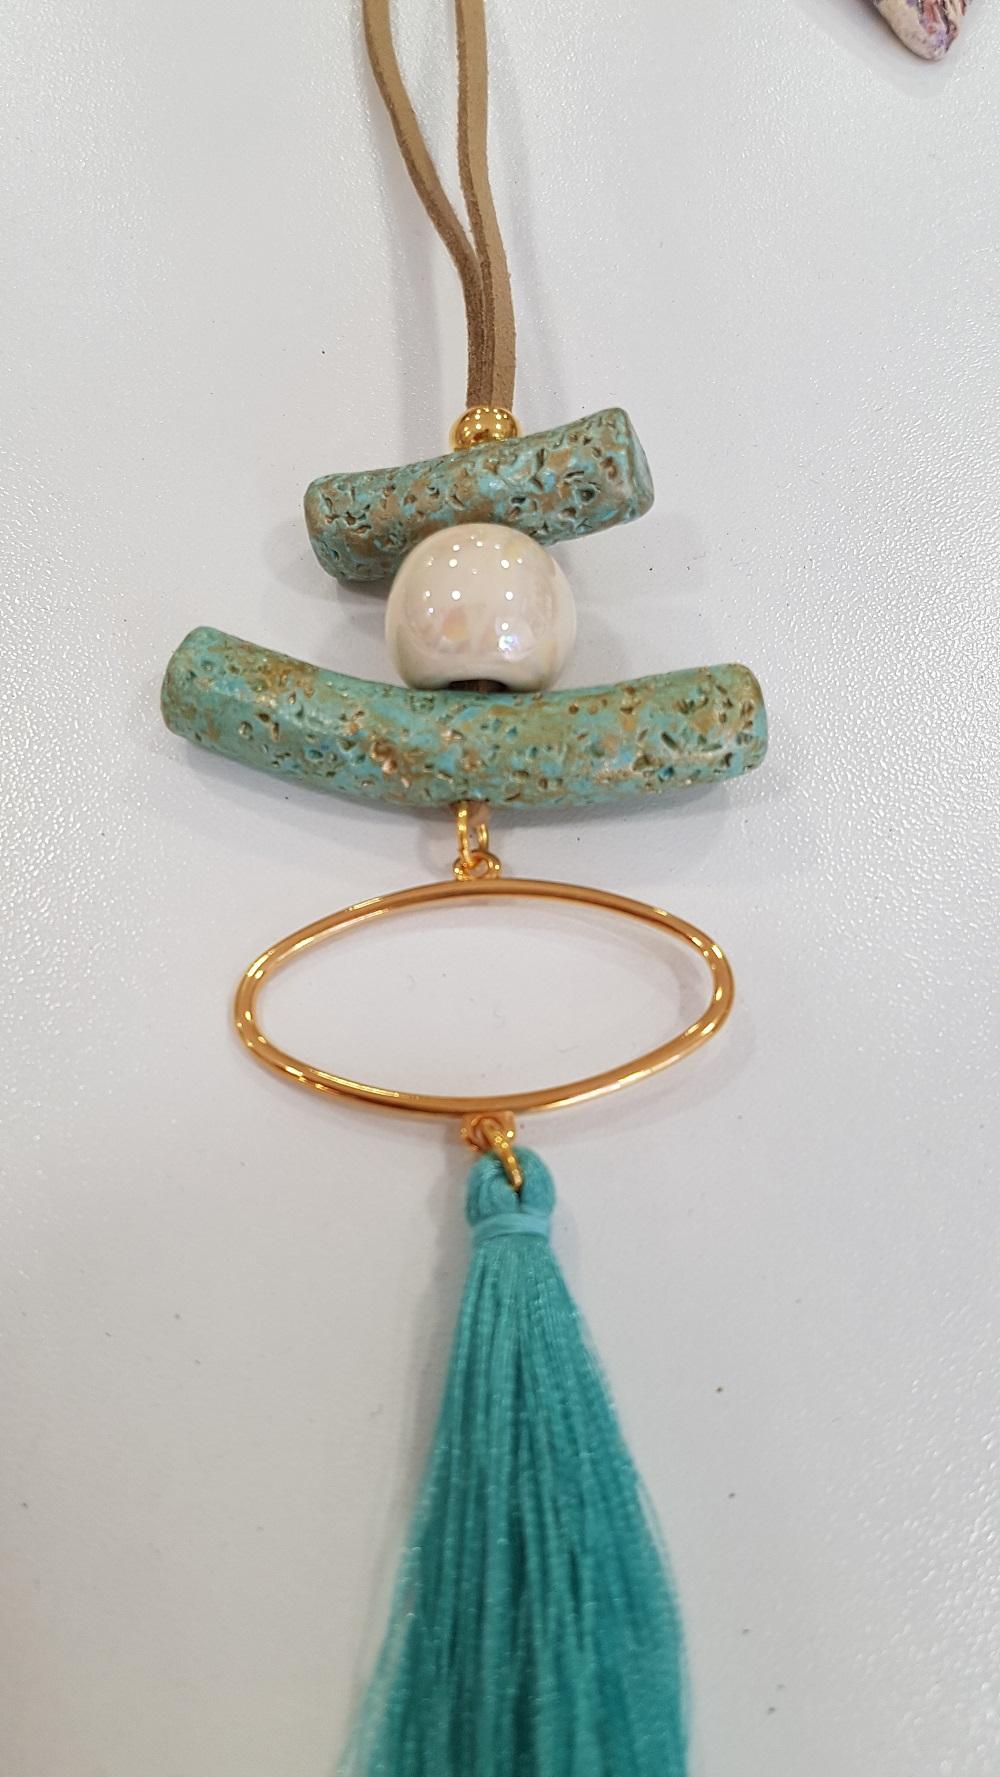 c3721d9c64 Δείξτε την αγάπη σας με χειροποίητα κοσμήματα  Amabile Creations ...